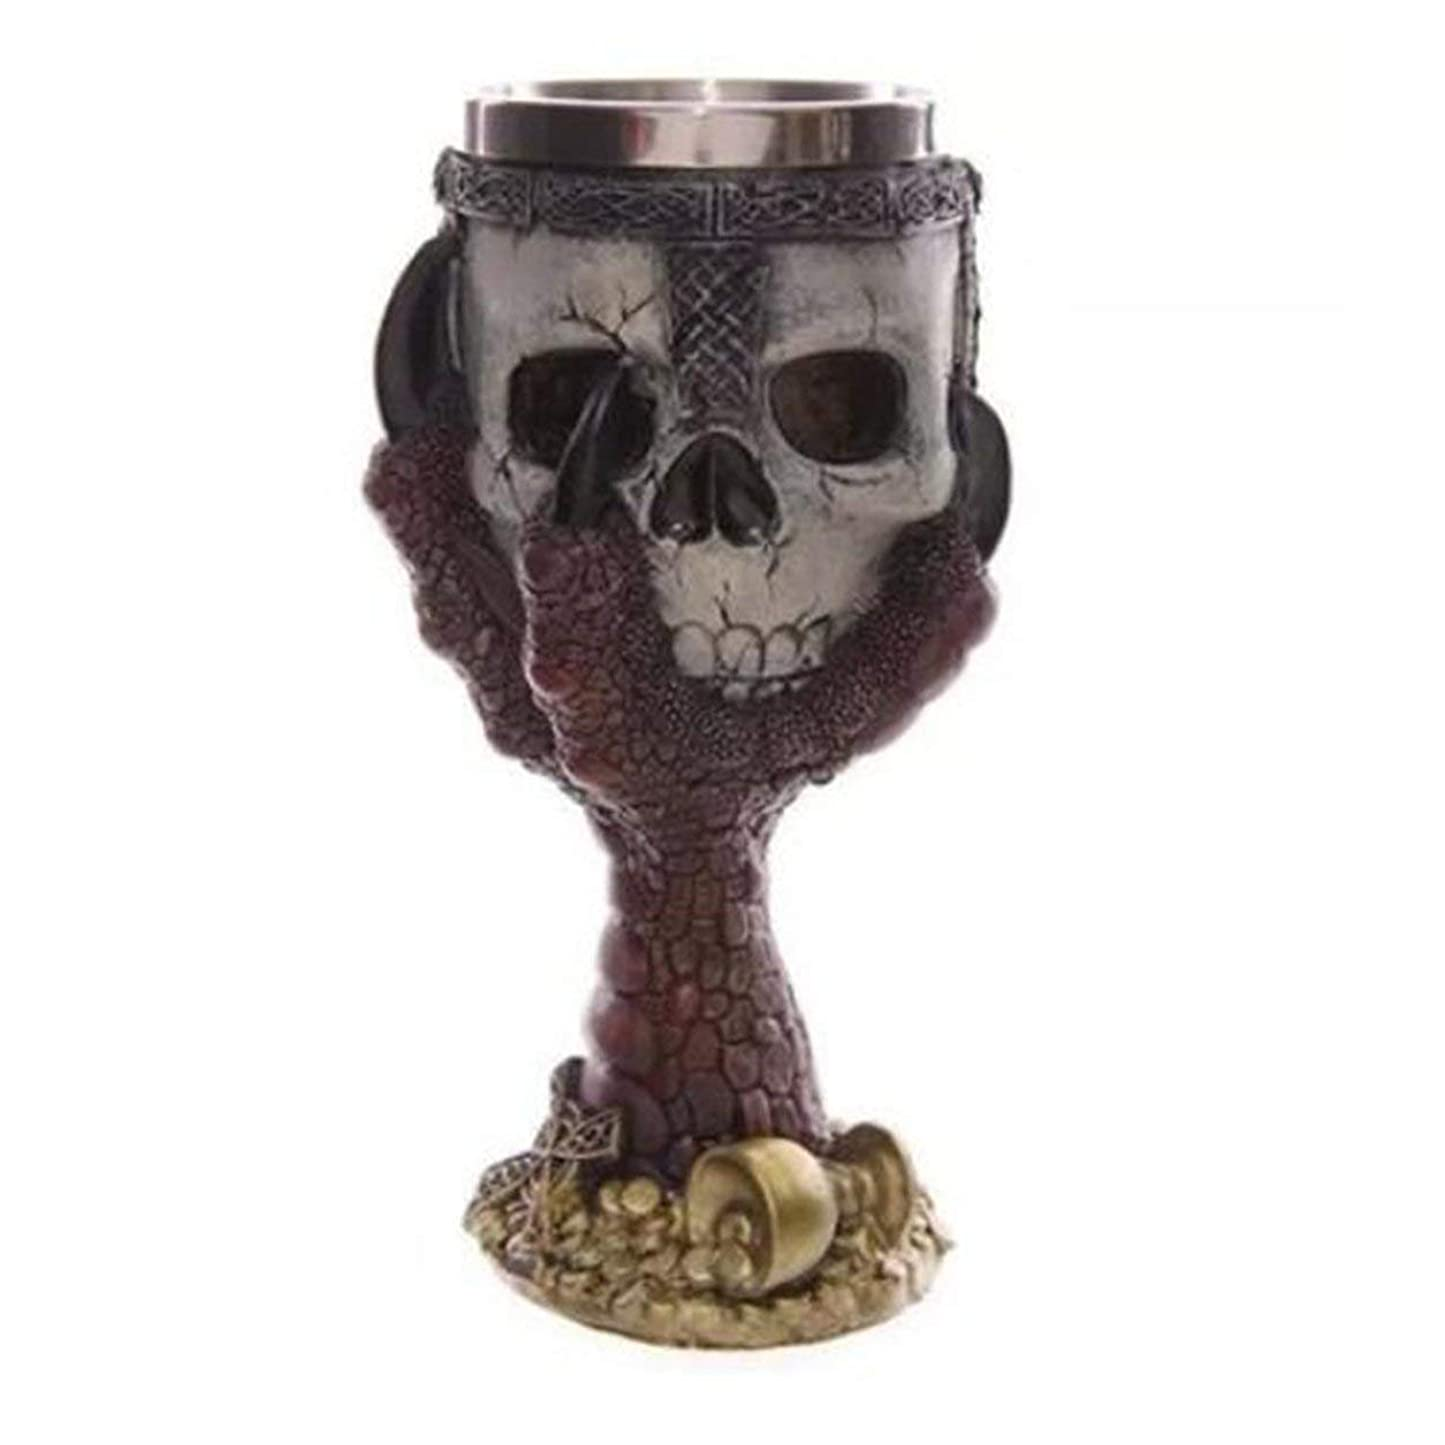 苦難馬鹿勧告Saikogoods カップを飲むクリエイティブステンレス鋼3Dスカルゴブレットビールジョッキ 銀 赤い爪ゴブレット